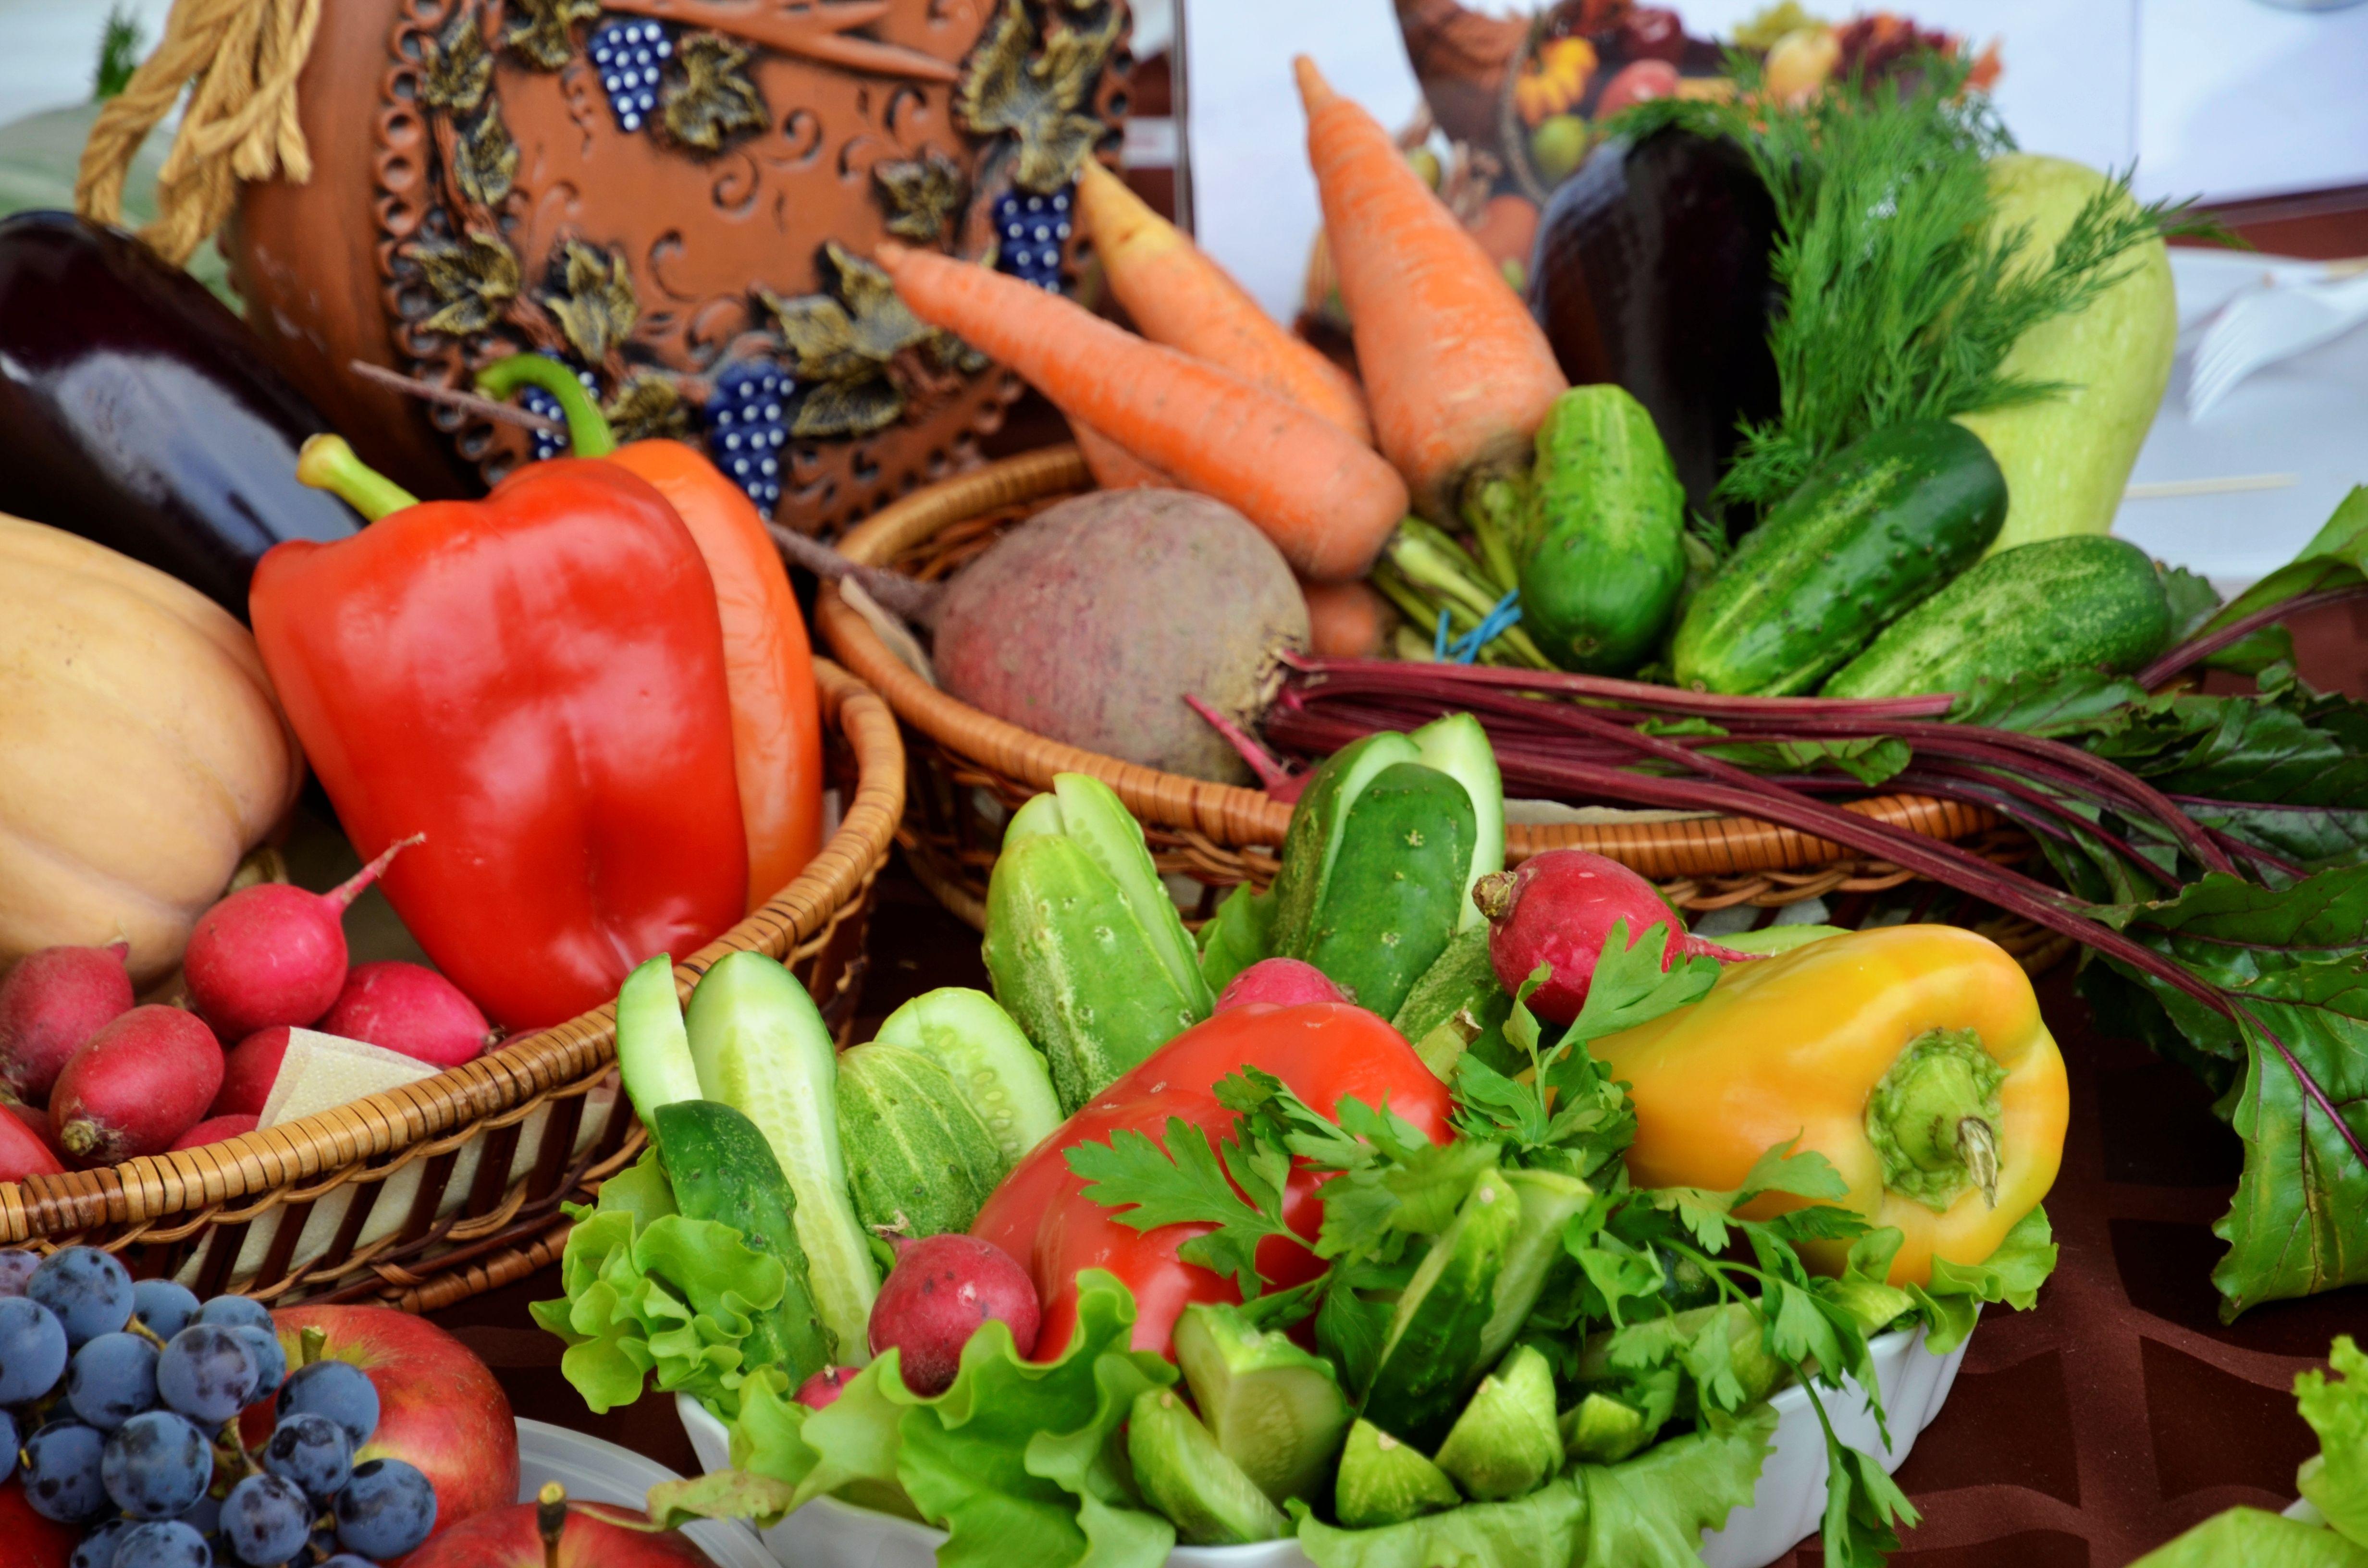 Сотрудники Даниловского рынка поделились секретами долгого хранения фруктов и овощей